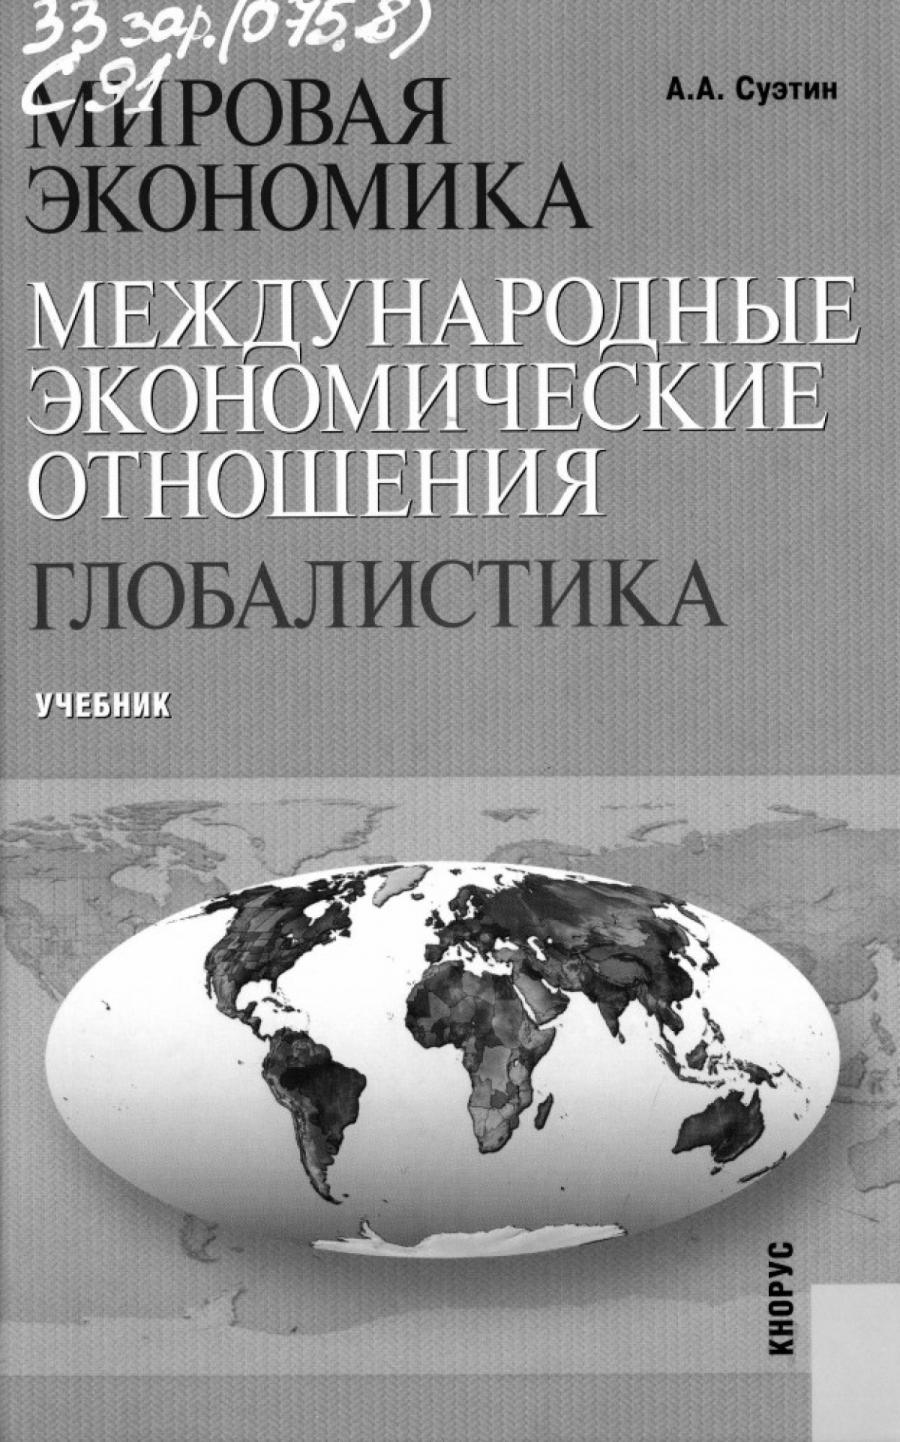 Обложка книги:  суэтин а.а. - мировая экономика. международные экономические отношения. глобалистика